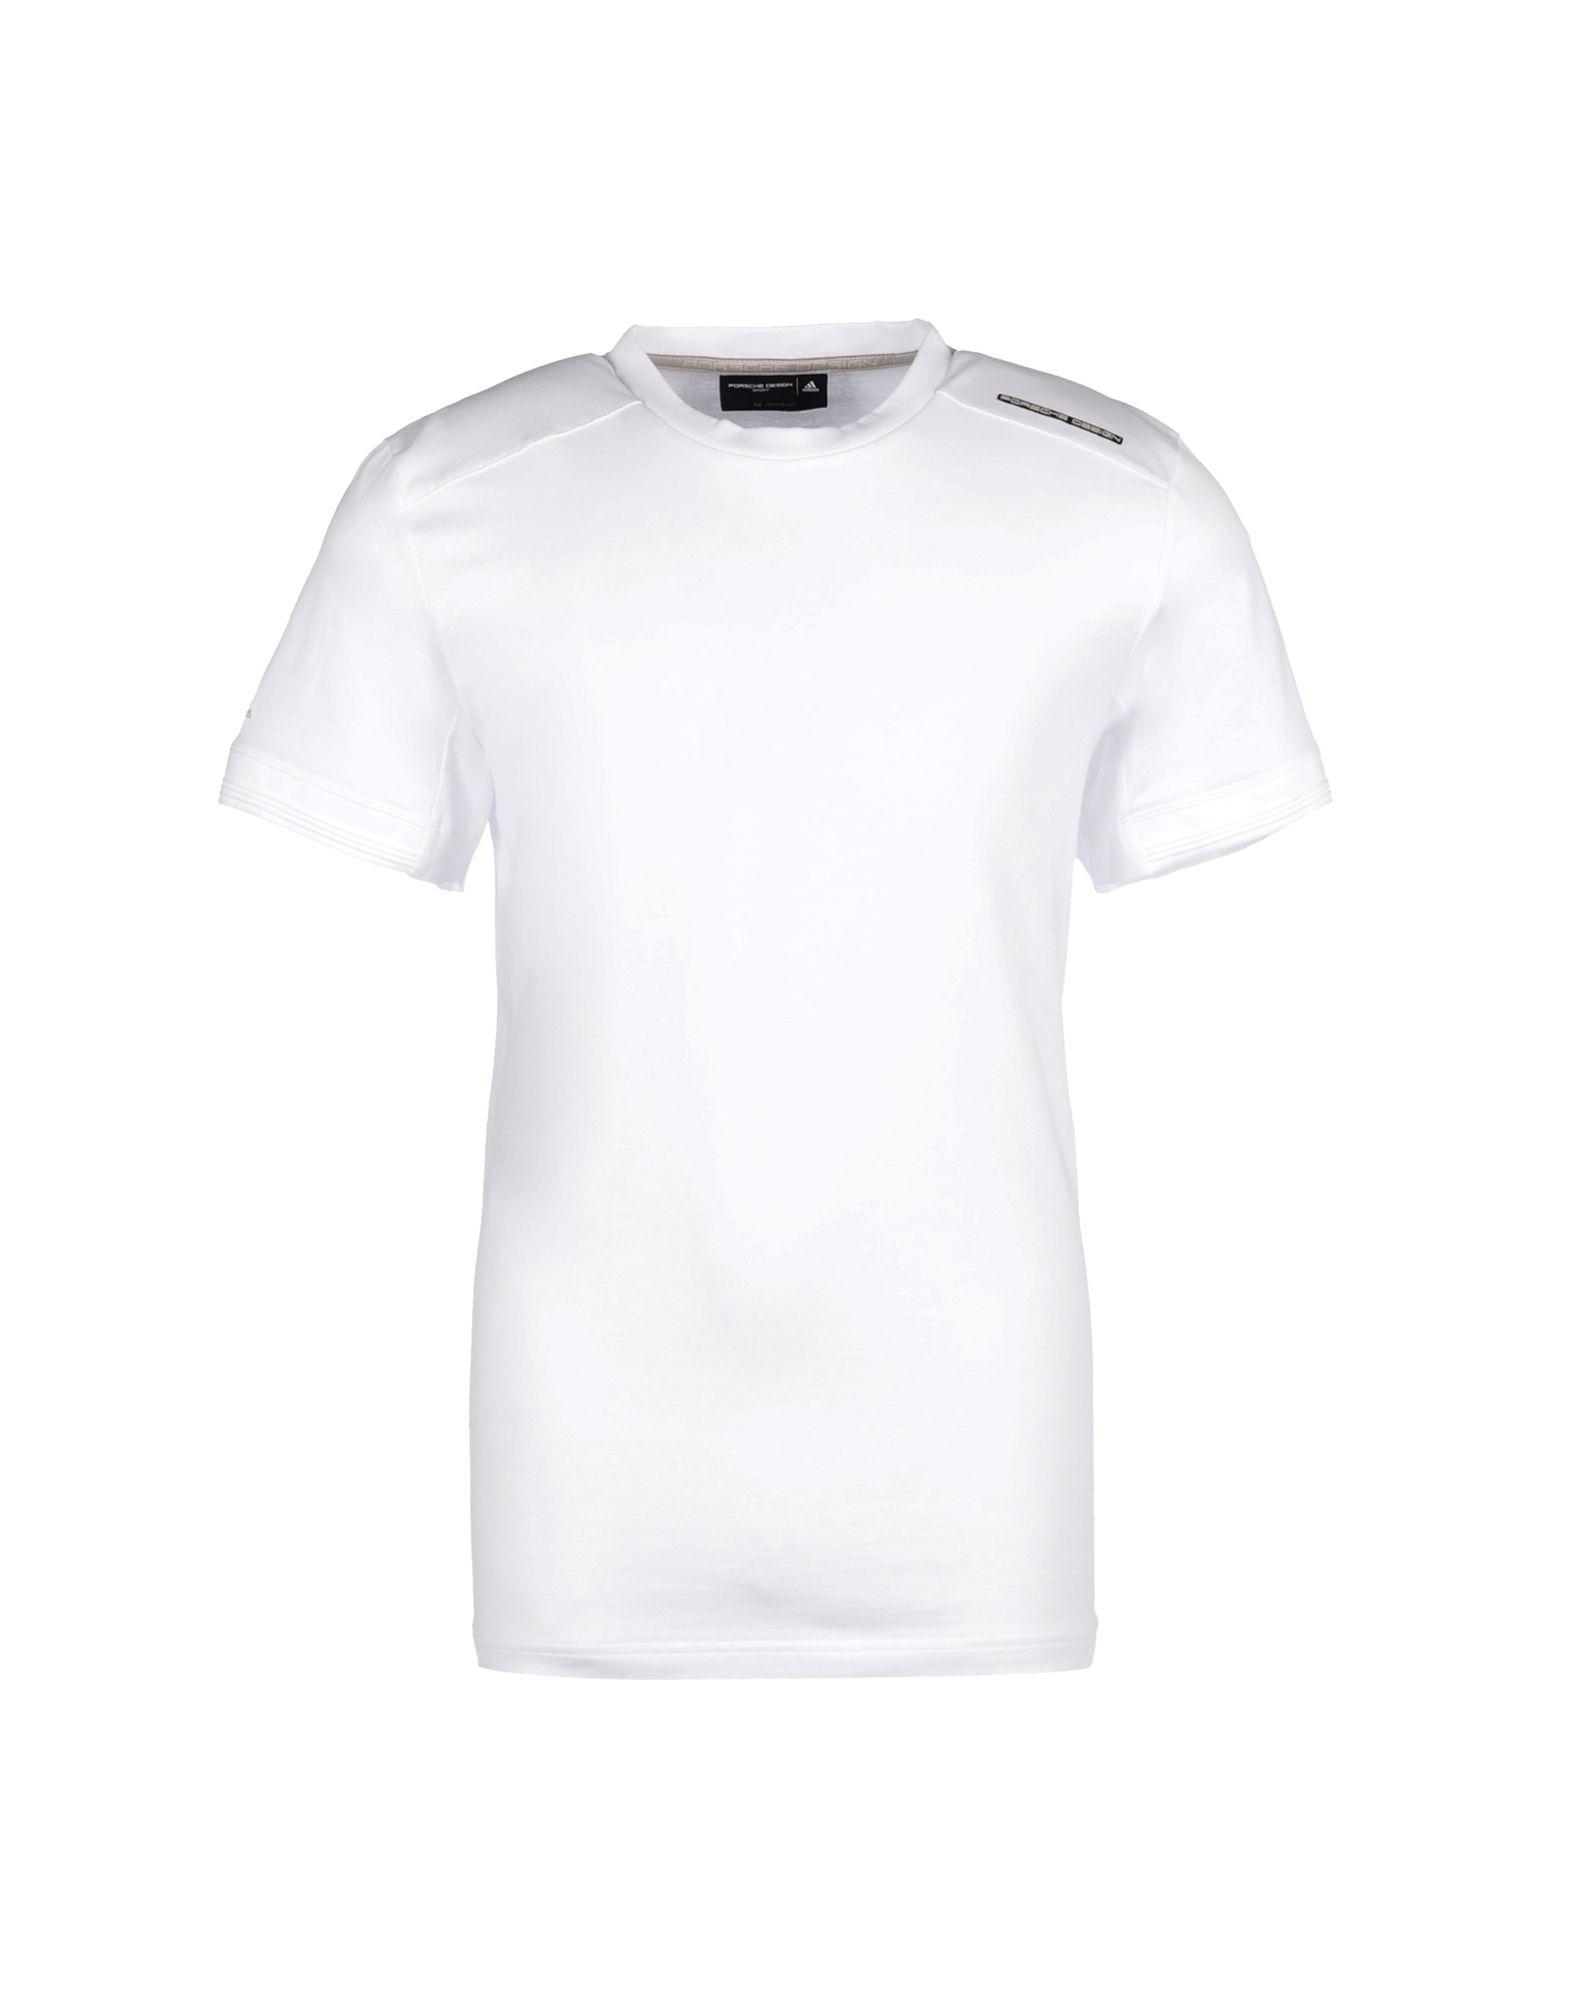 Lyst porsche design t shirt in white for men for Design t shirt sport